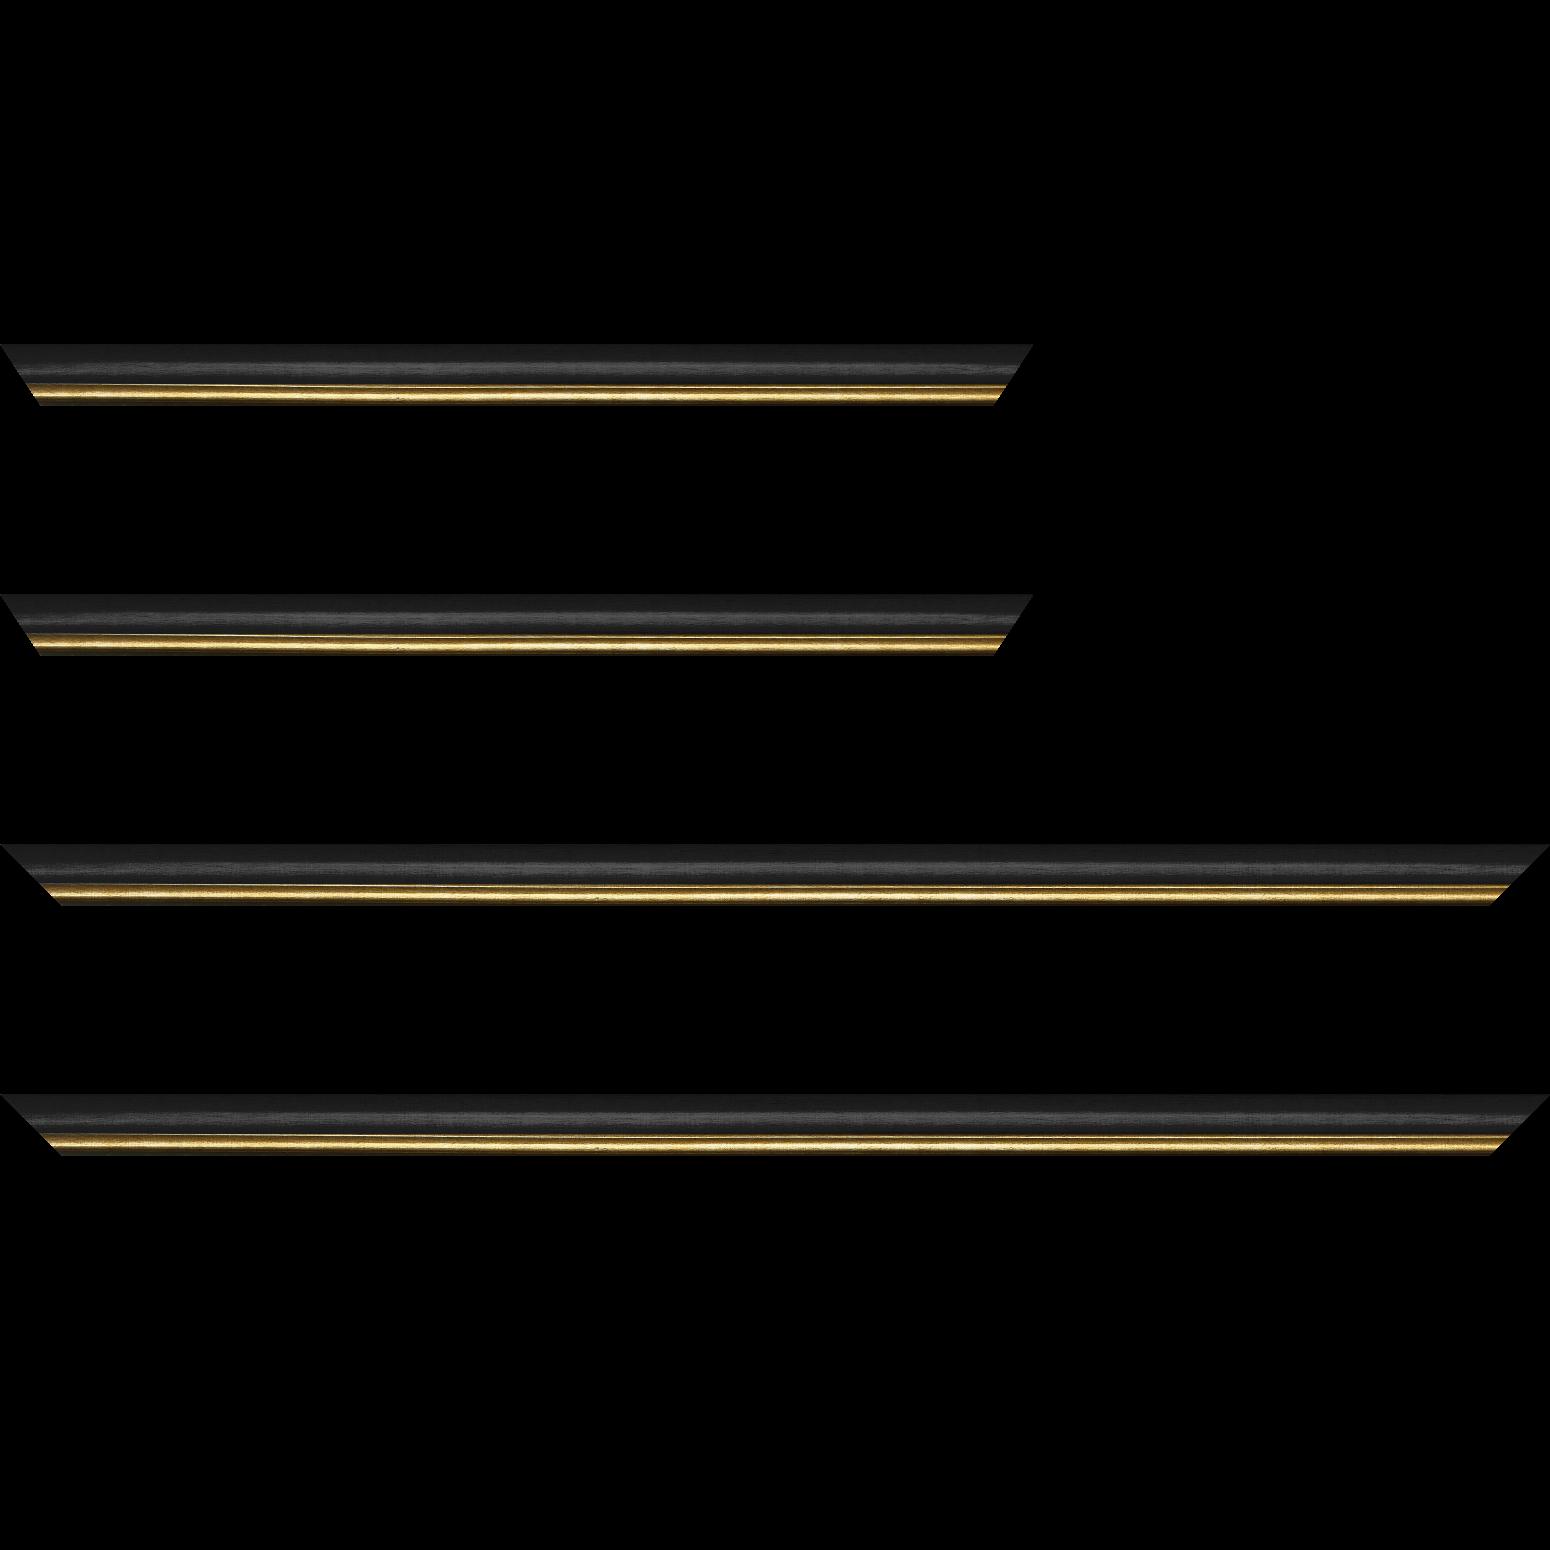 Baguette service précoupé Bois profil arrondi largeur 2.1cm couleur noir mat filet or